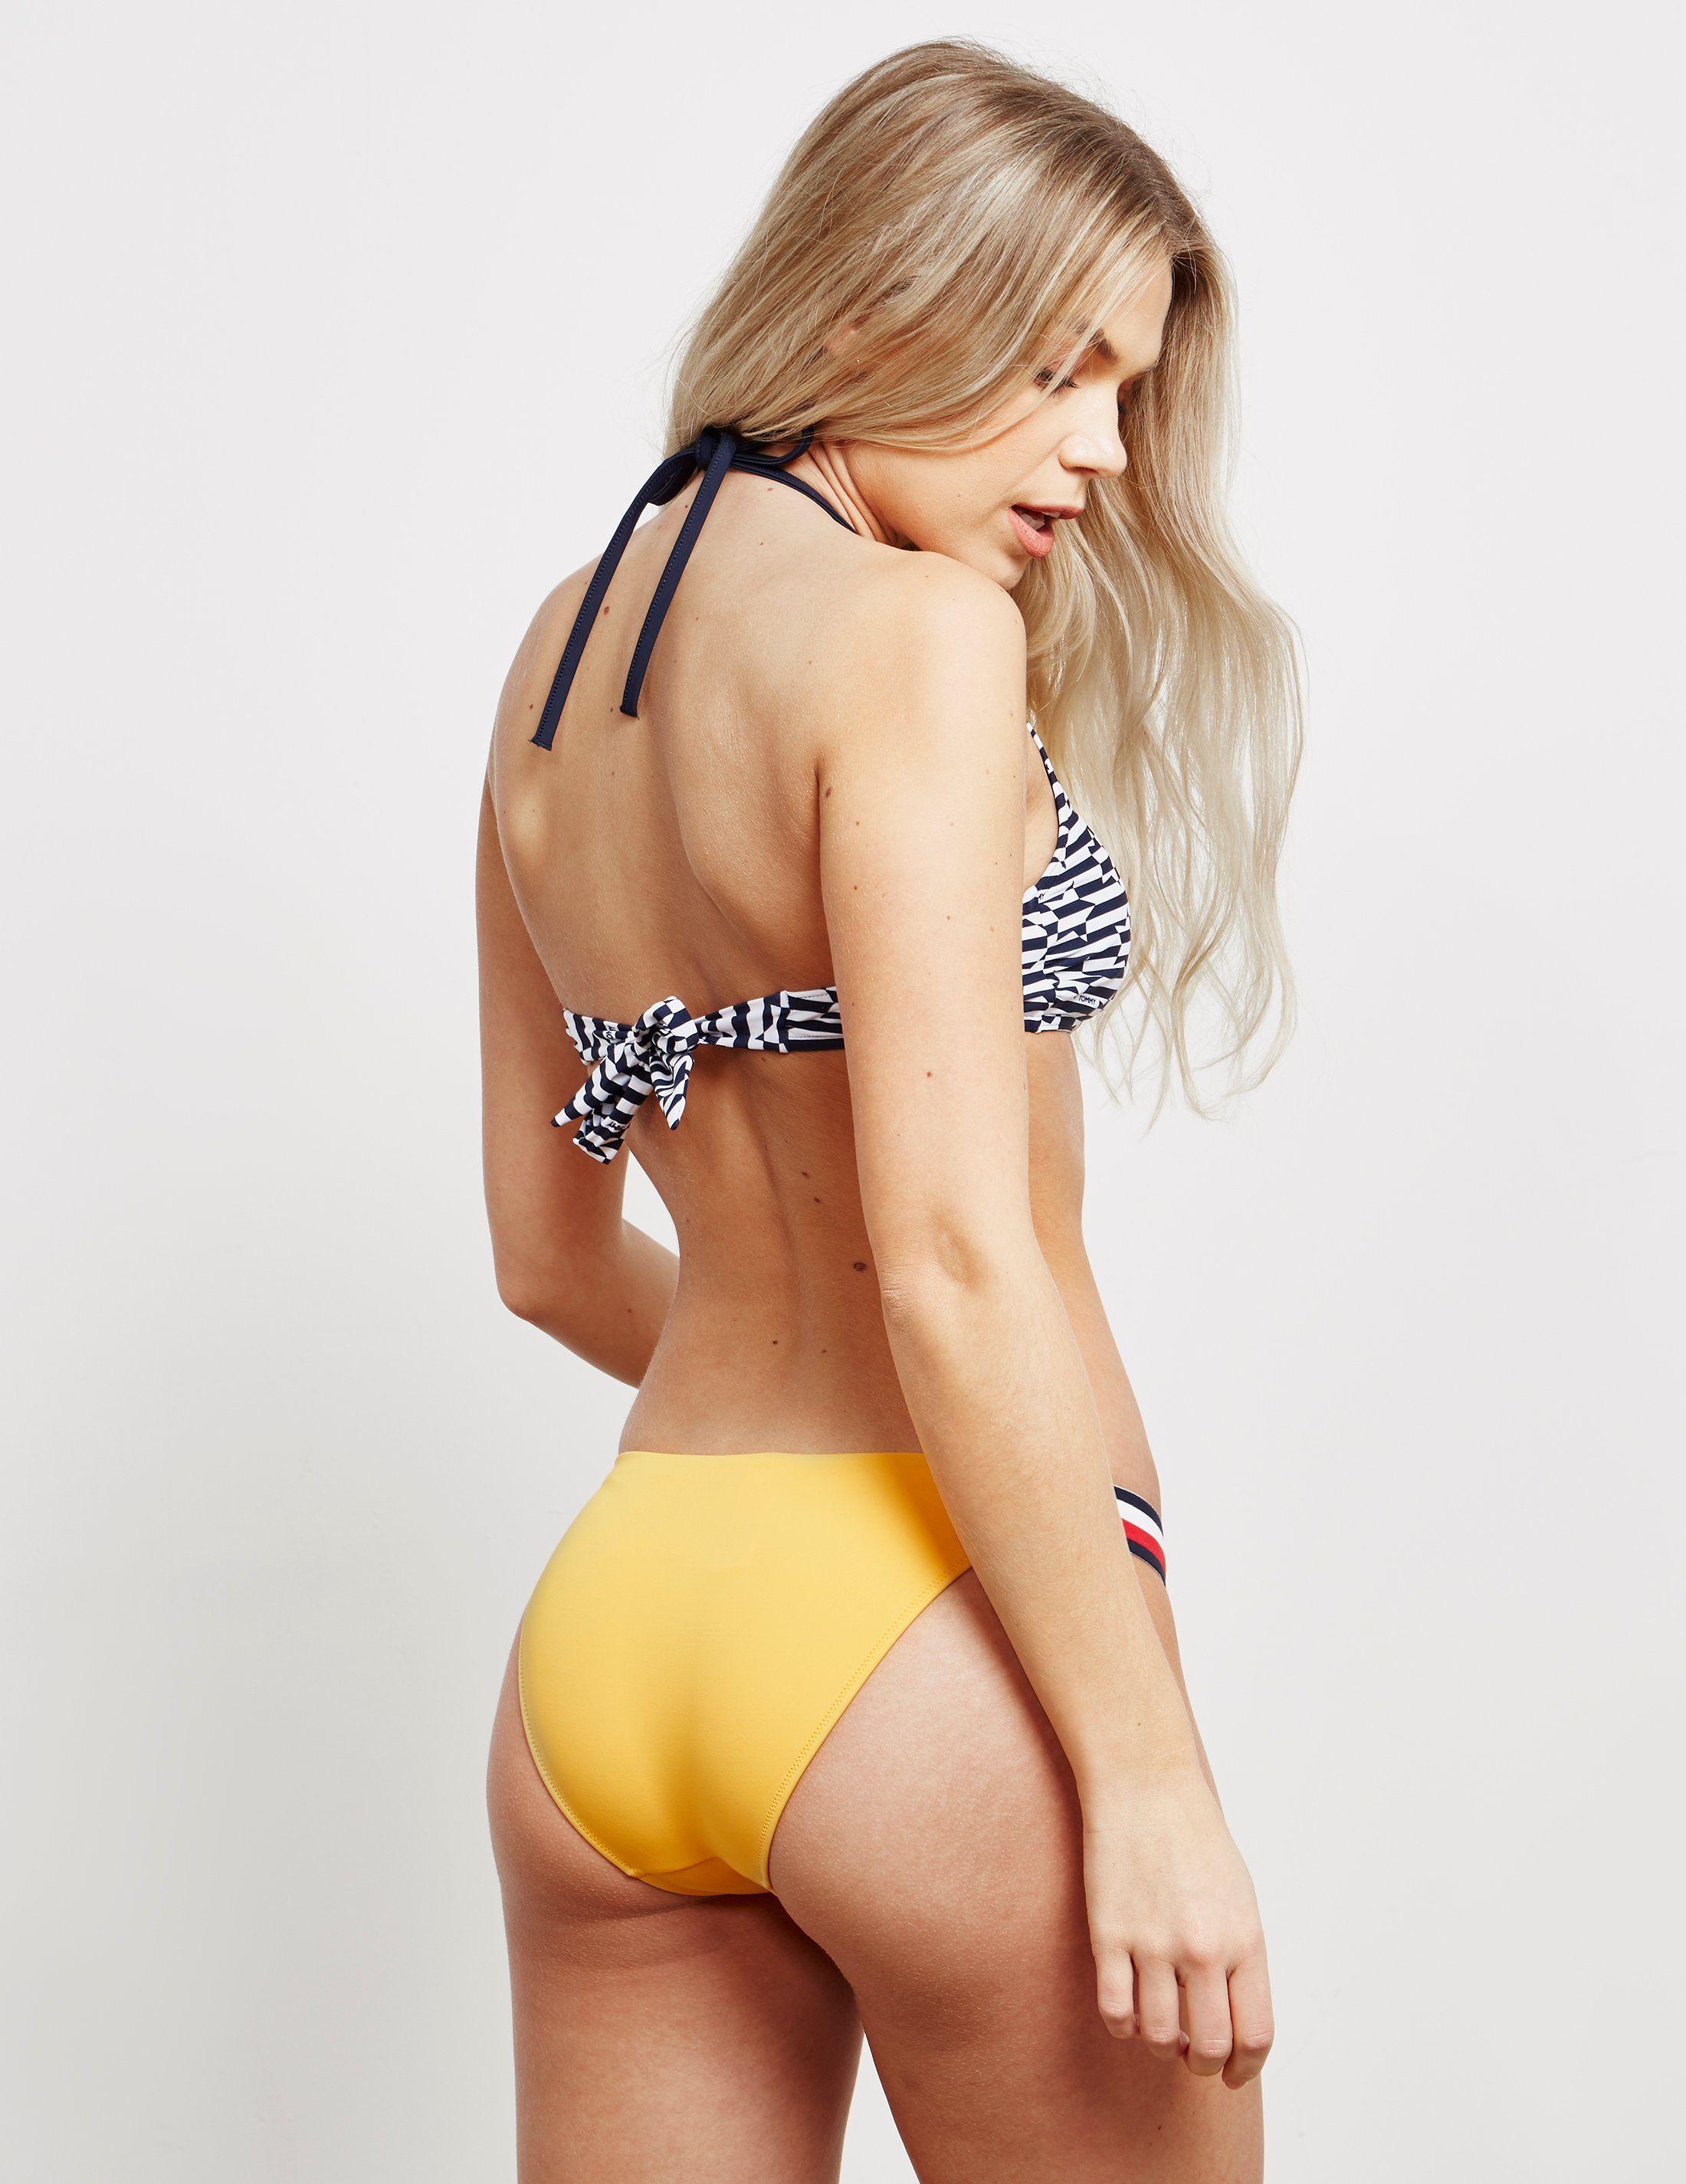 Tommy Hilfiger Swim Cheeky Bikini Briefs - Online Exclusive